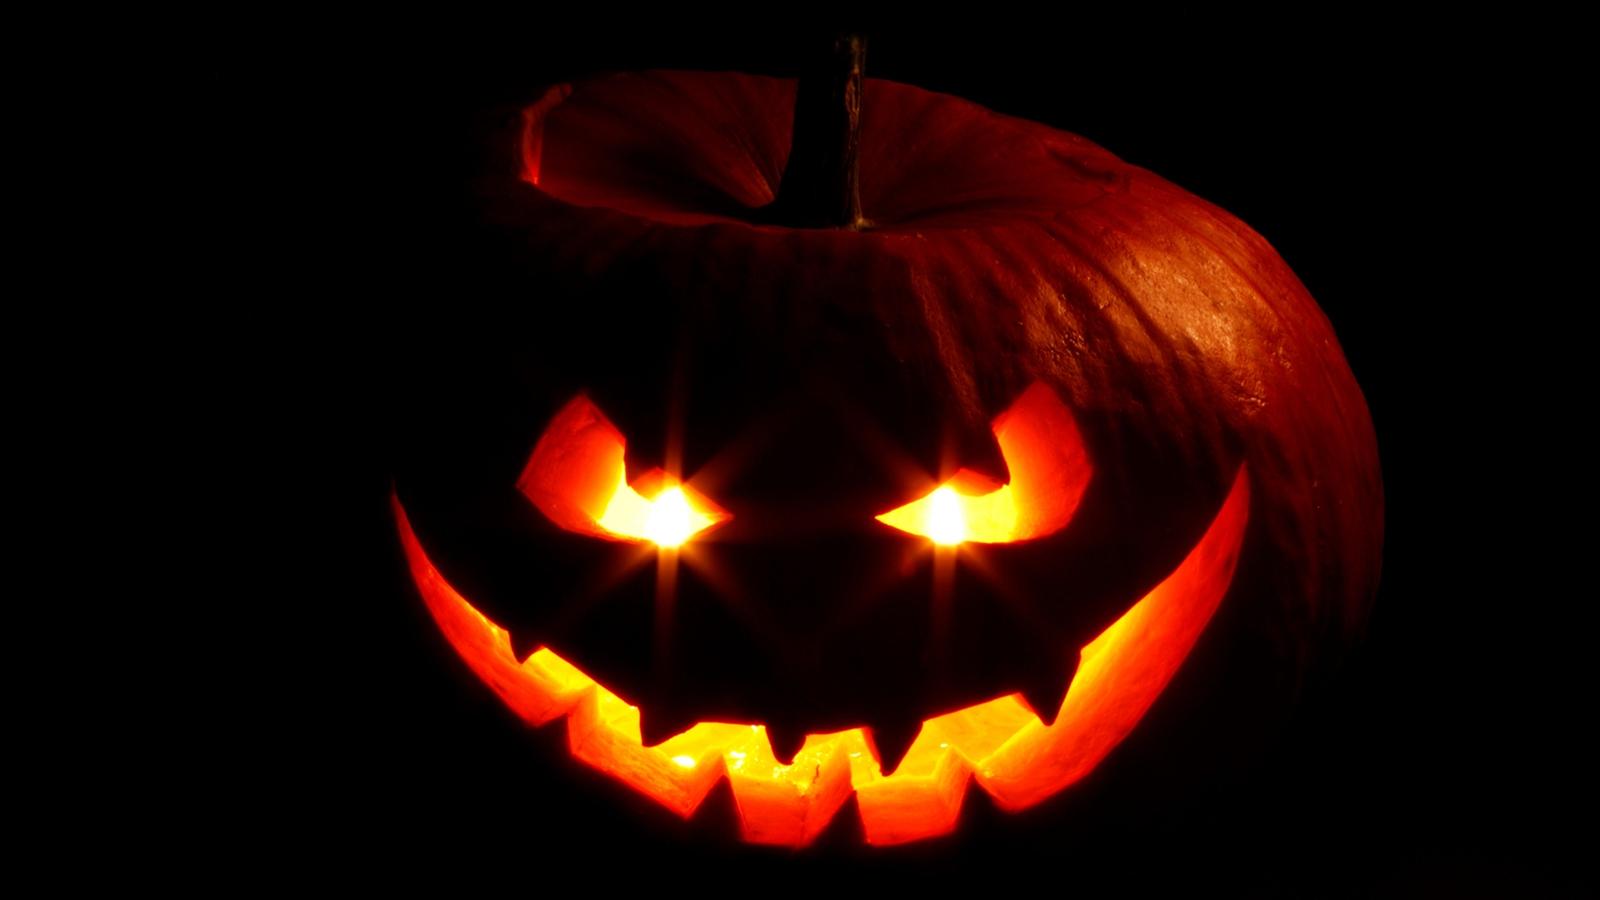 Halloweeni képek - A félelmetesen jó felvételek receptje